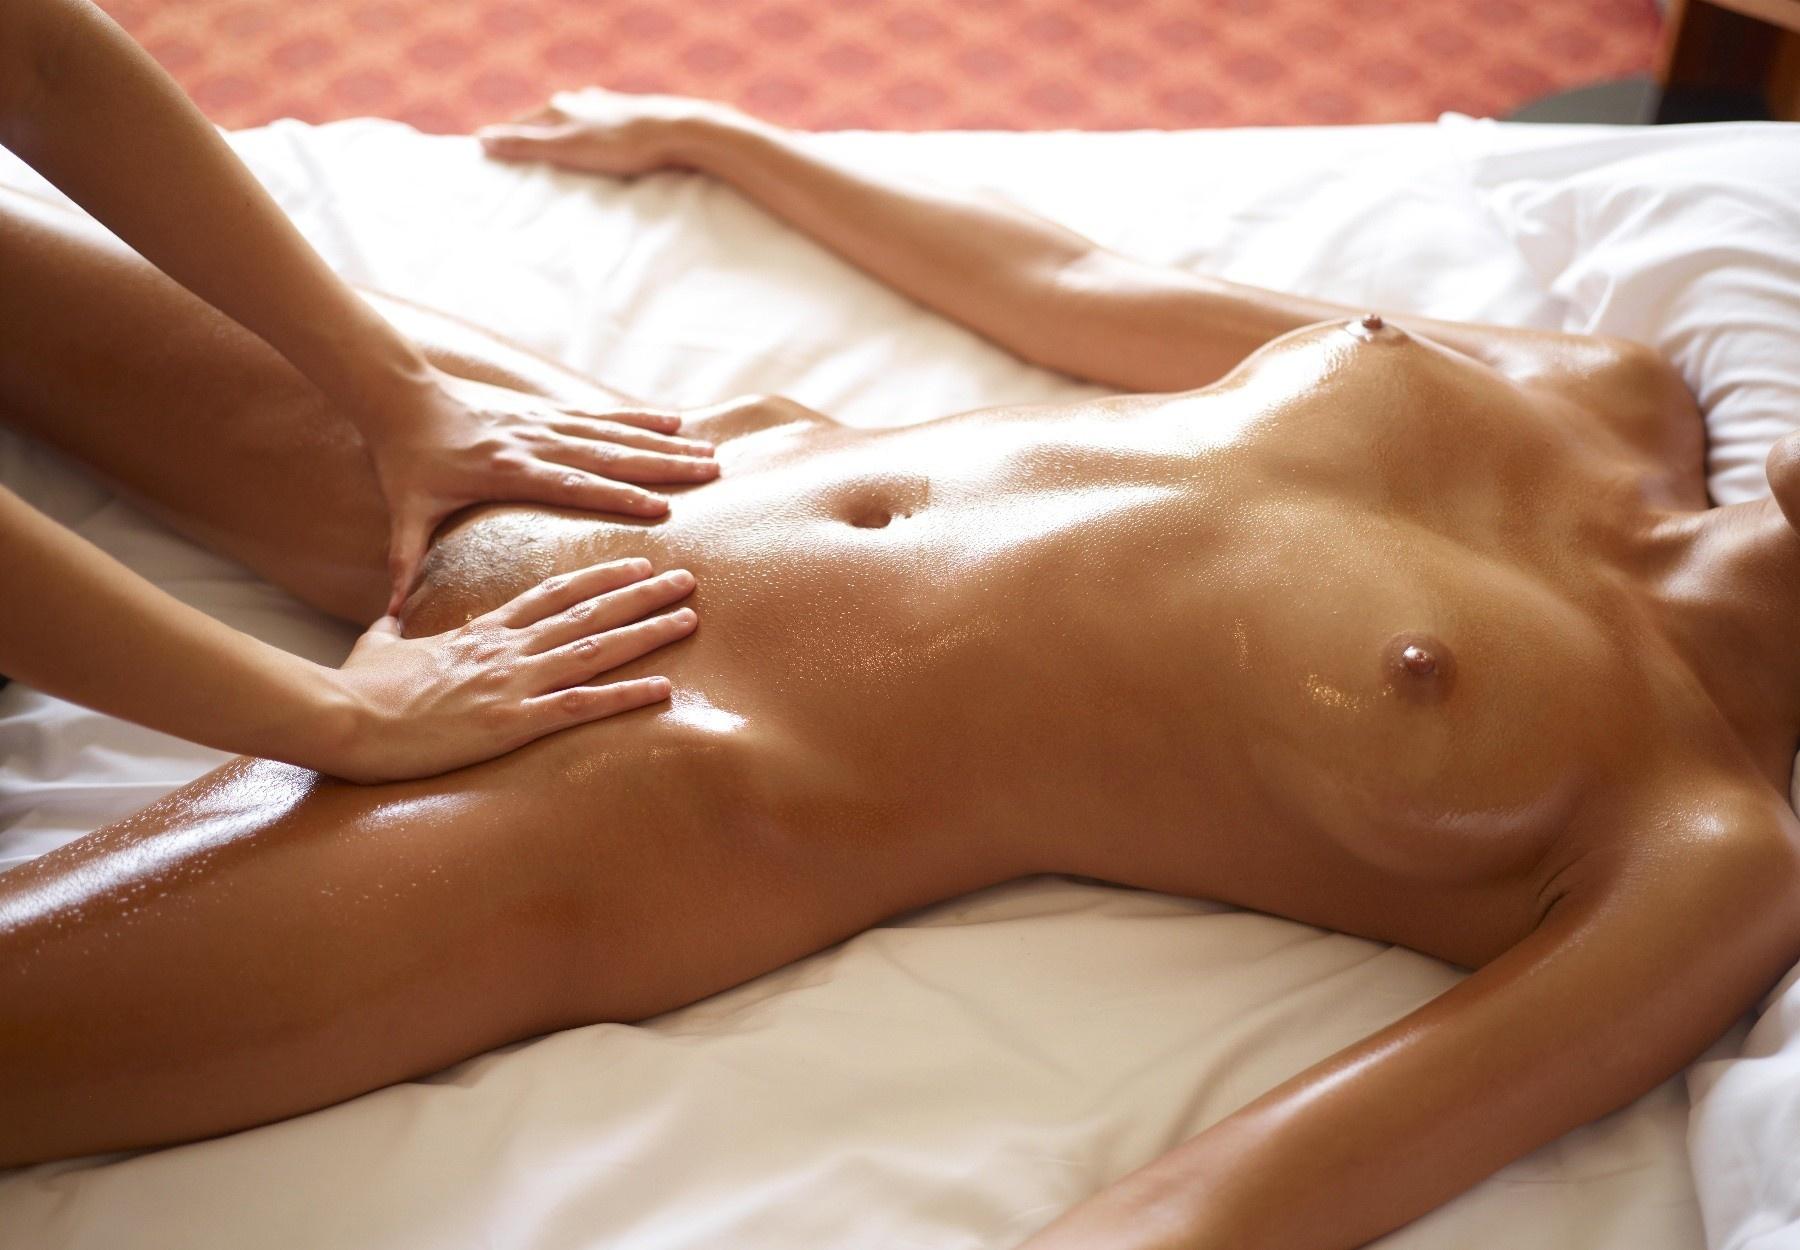 Красивый сексуальный массаж фото